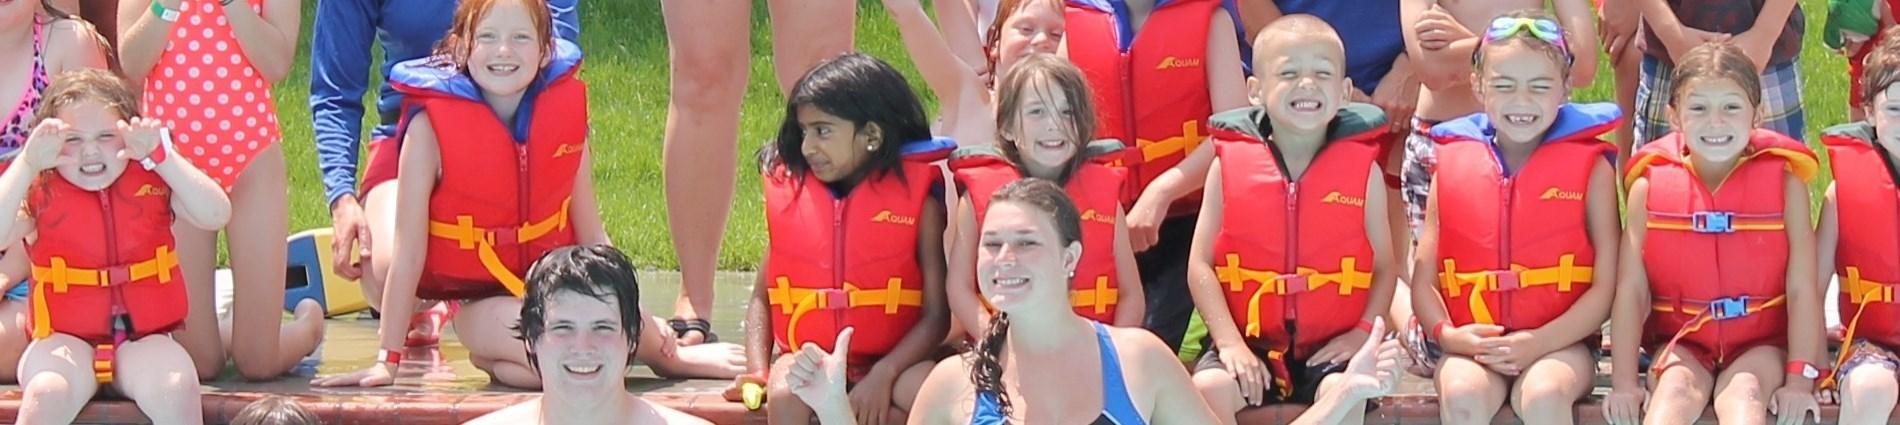 kids in lifejackets in pool